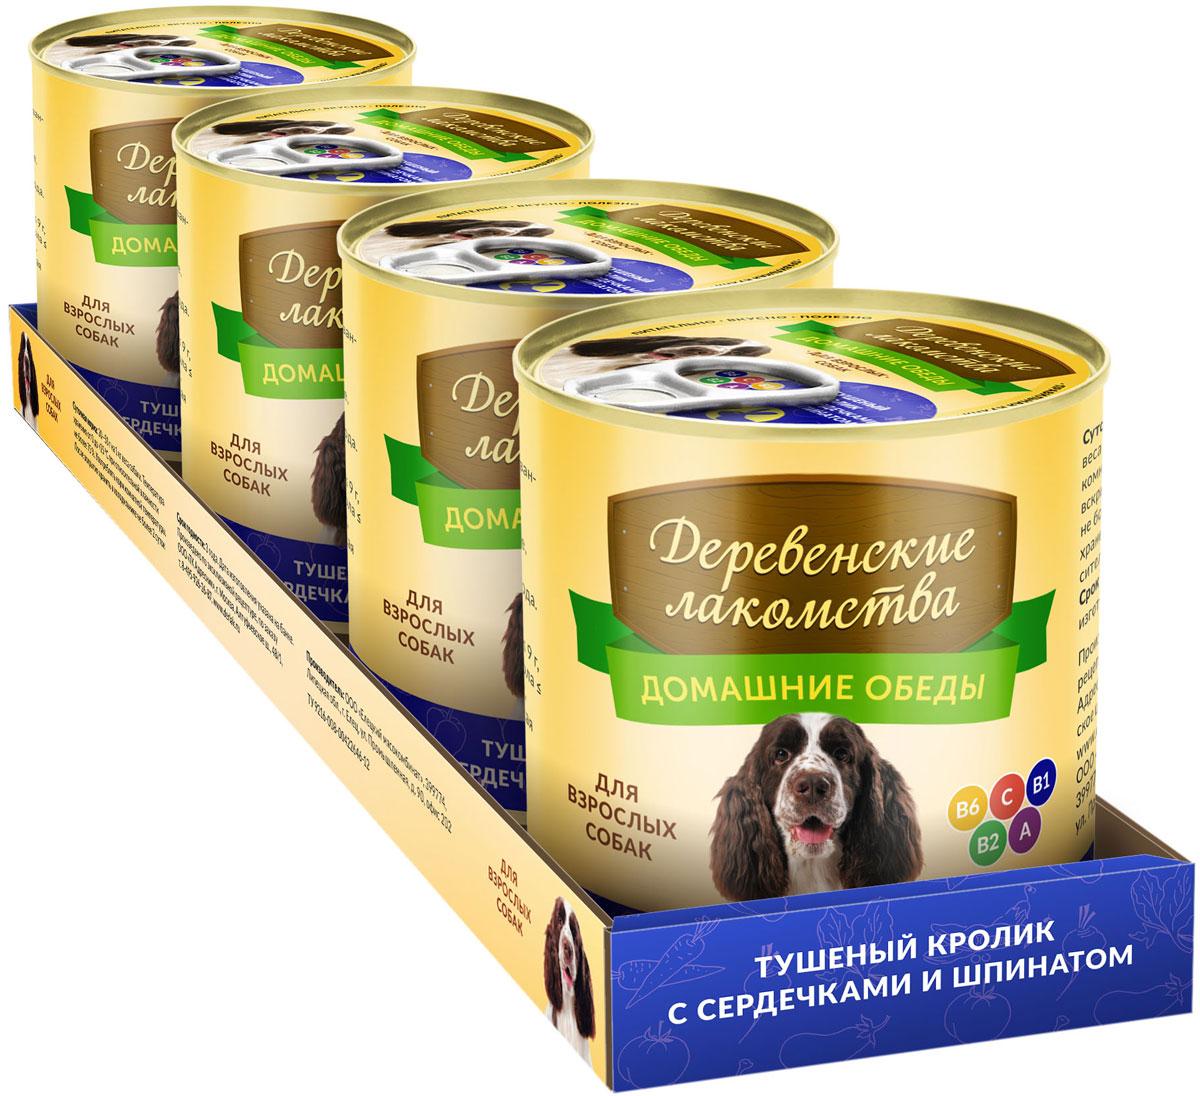 Консервы для собак Деревенские лакомства Домашние обеды, тушеный кролик с сердечками и шпинатом, 240 г х 4 шт консервы для собак деревенские лакомства домашние обеды телятина по деревенски с рубцом и овощами 240 г х 4 шт